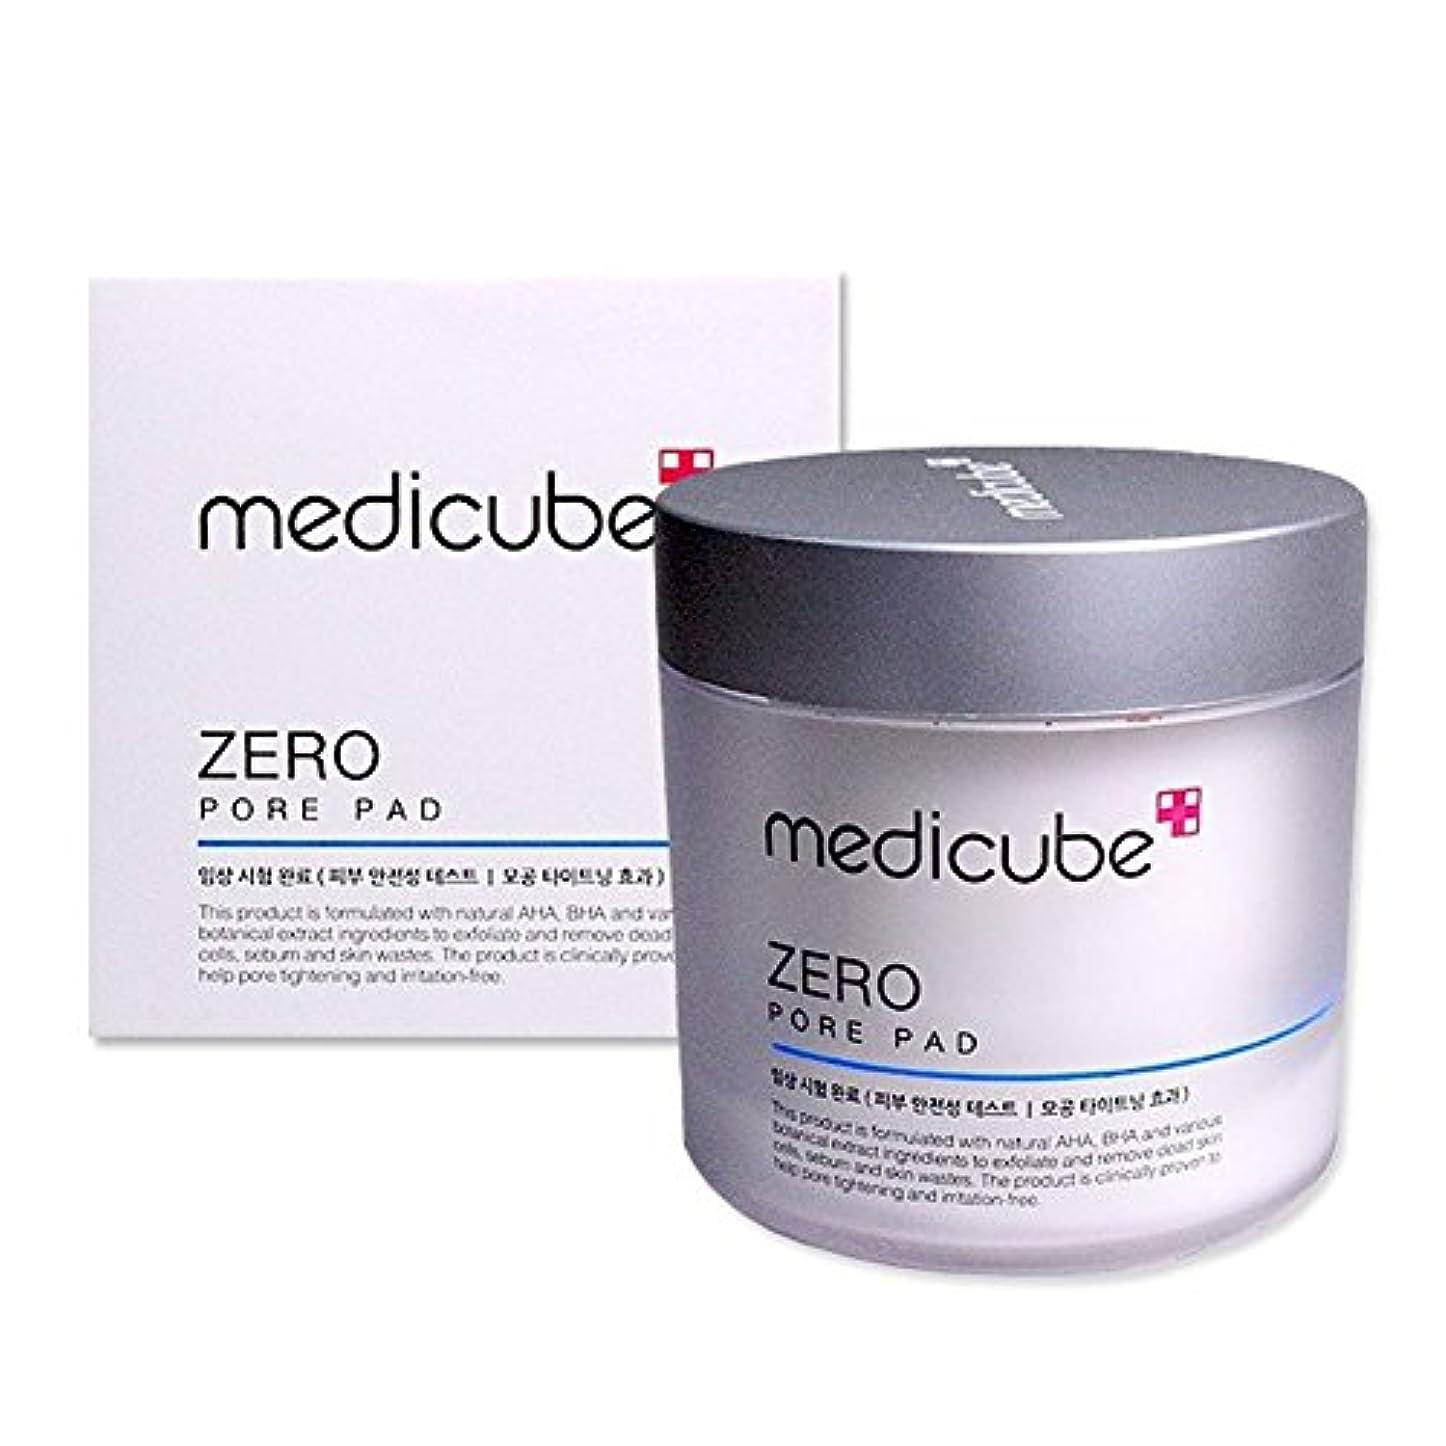 メディキューブゼロ毛穴パッド70枚、Medicube Zero Pore Pad 70 pads [並行輸入品]